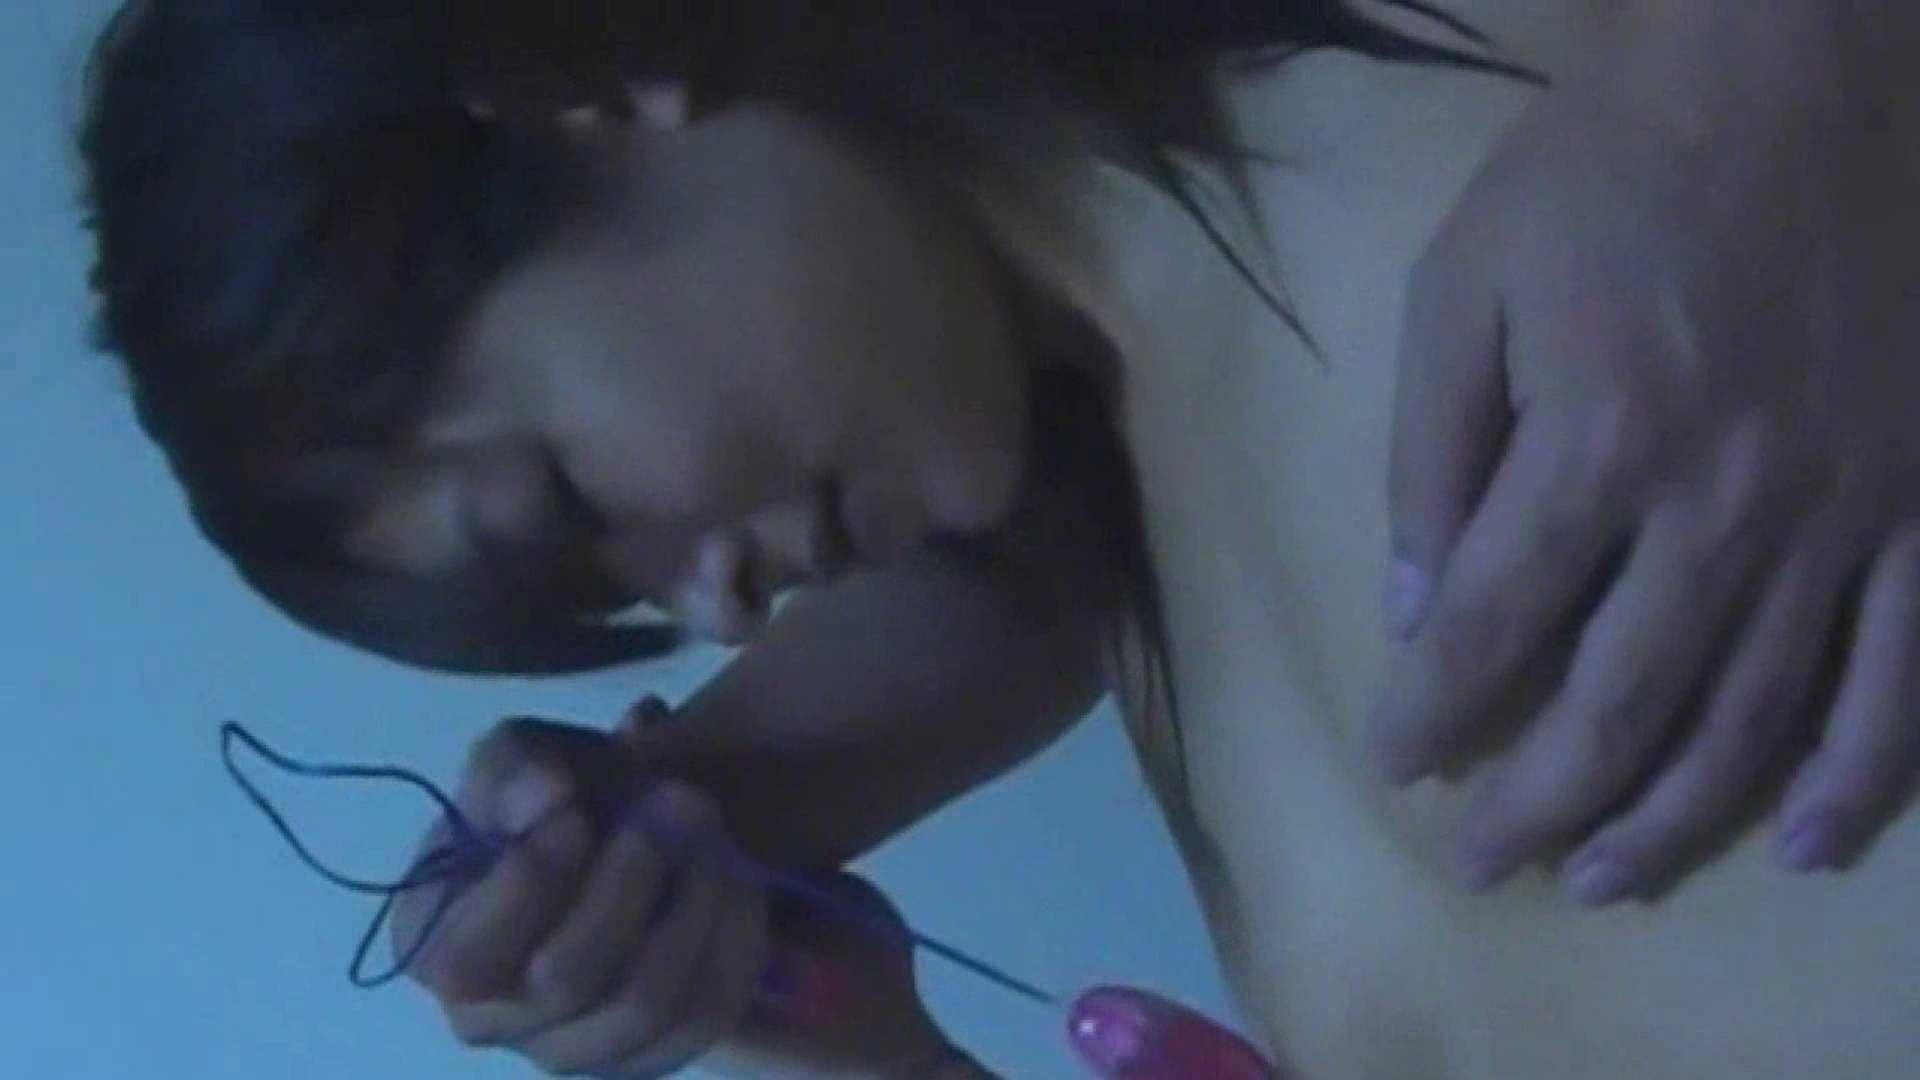 美女だらけのプライベートSEXvol.15前編 美女 のぞき動画キャプチャ 82連発 33